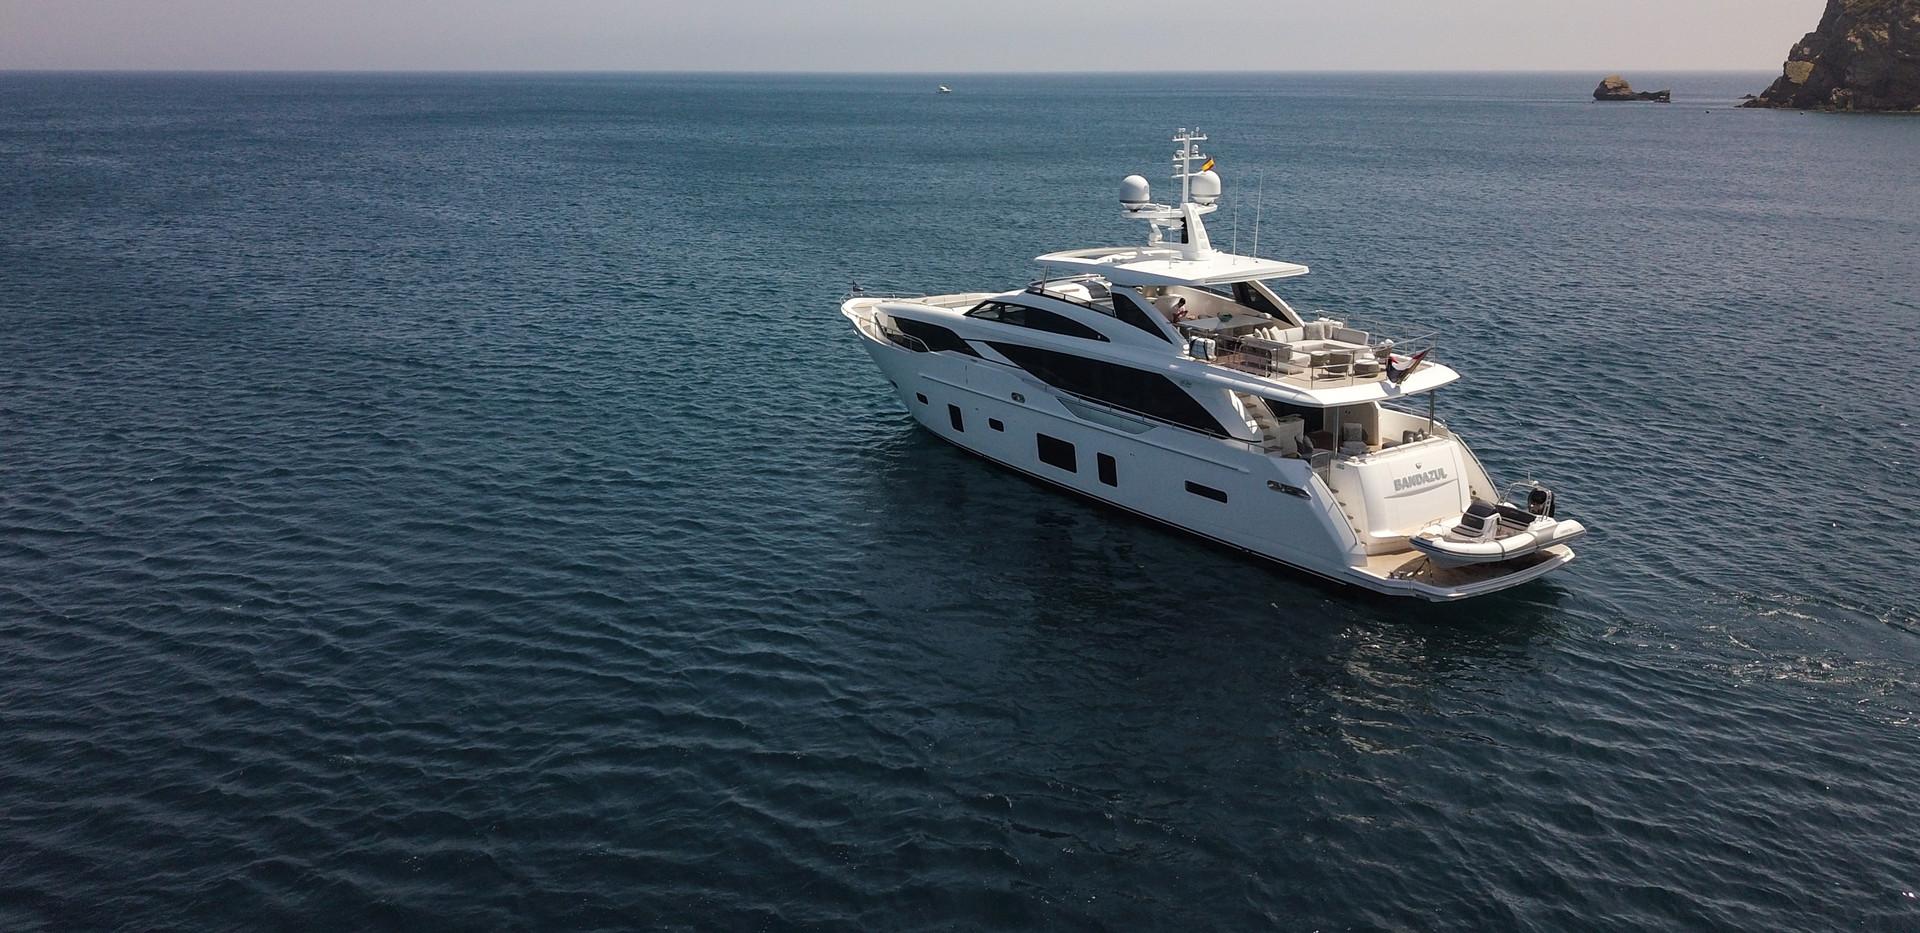 30m-exterior-white-hull-my-bandazul-3Yac